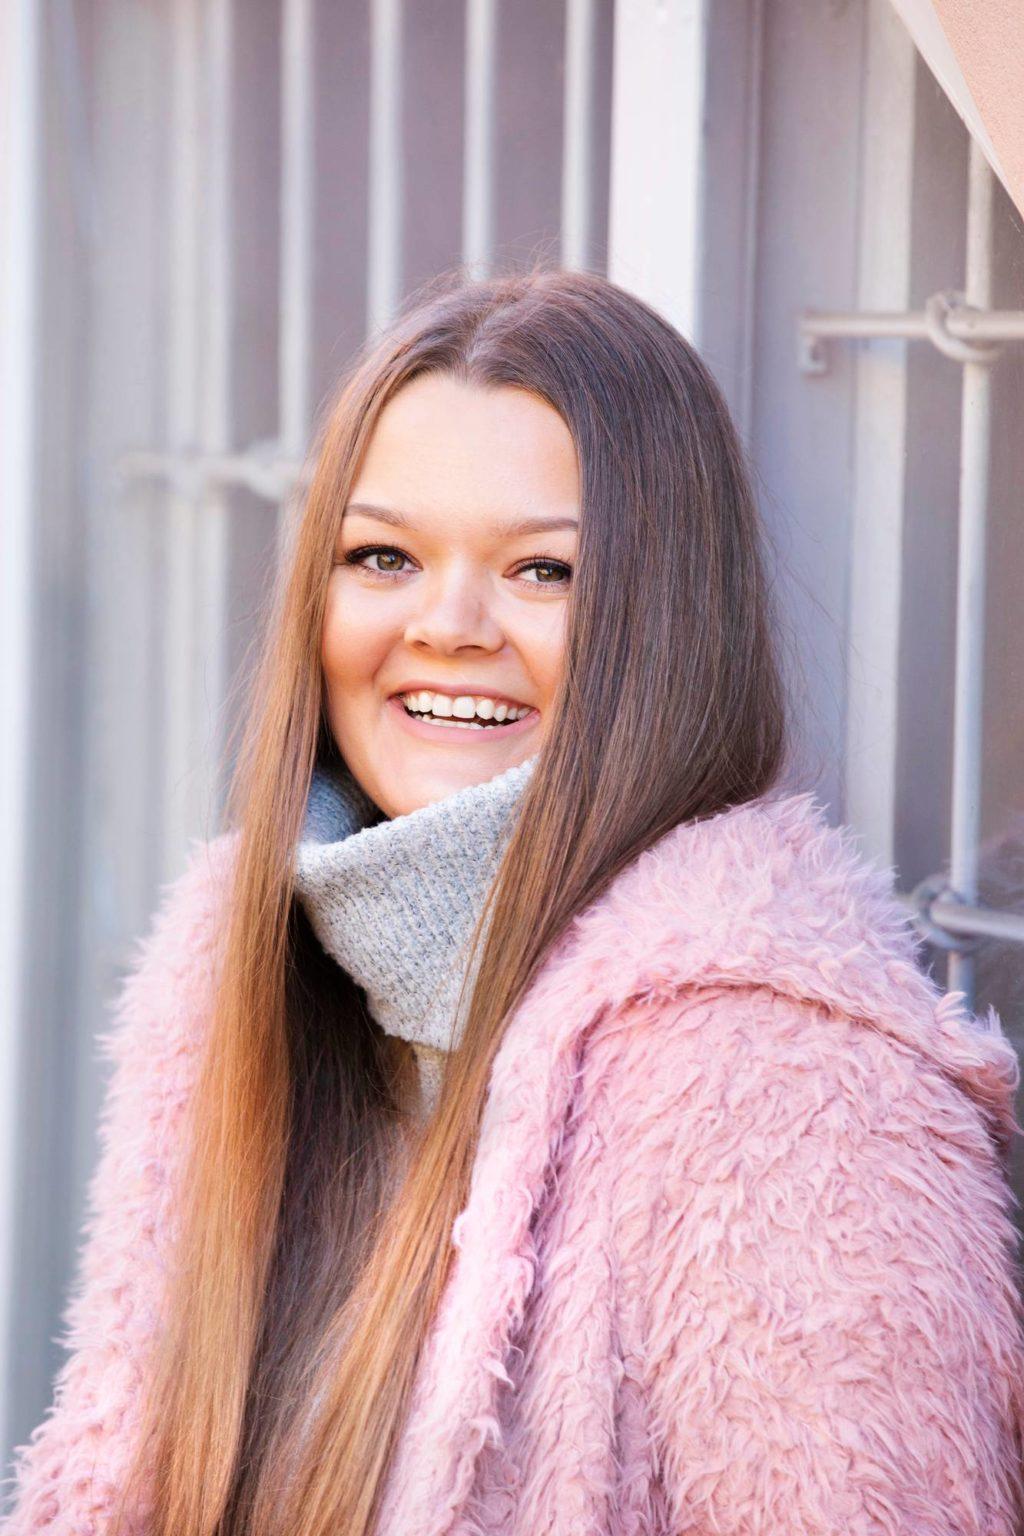 Mutsis on -bloggaaja Emilia Huttunen